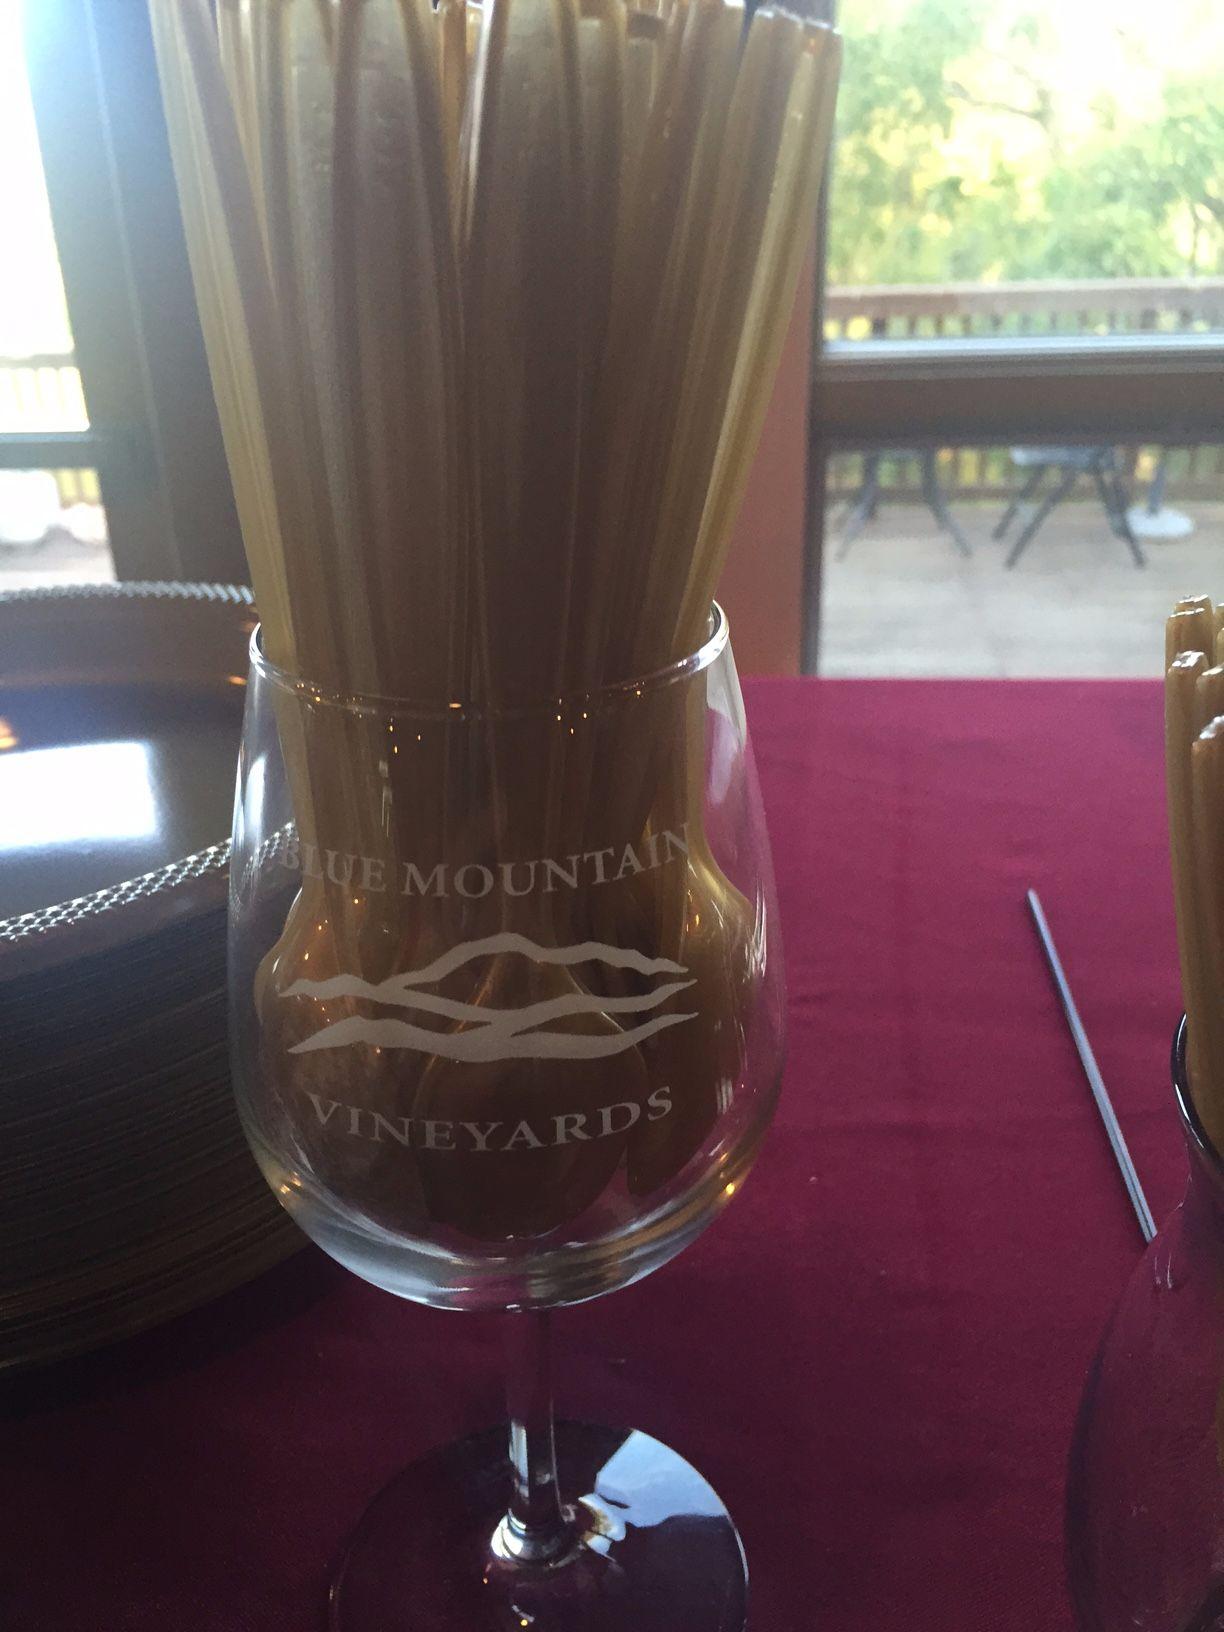 Blue Mountain Vineyard & Cellars